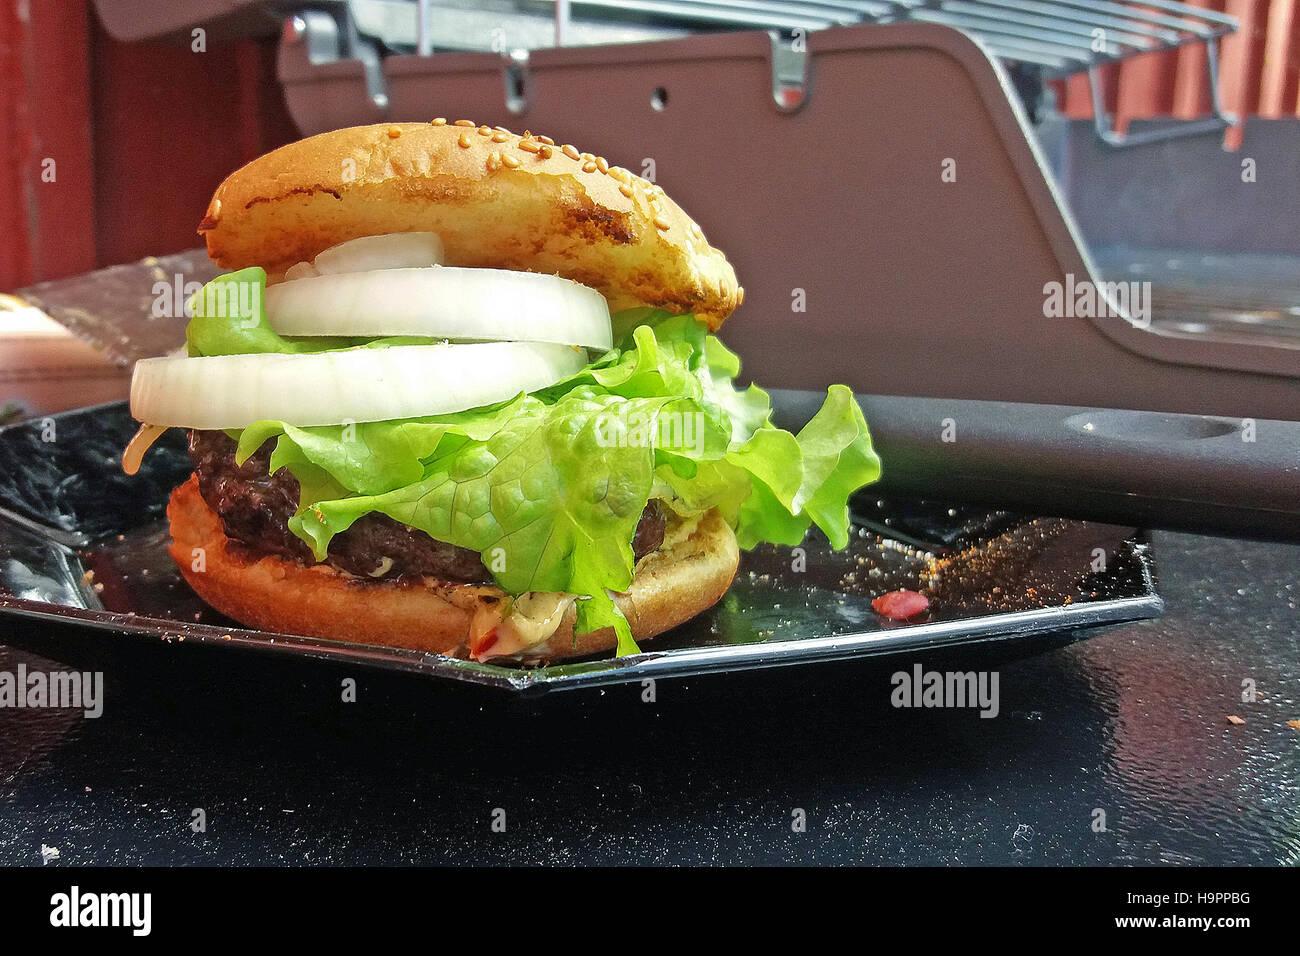 Hausgemachte Hamburger. Gas Grill Auf Hintergrund. Stockbild